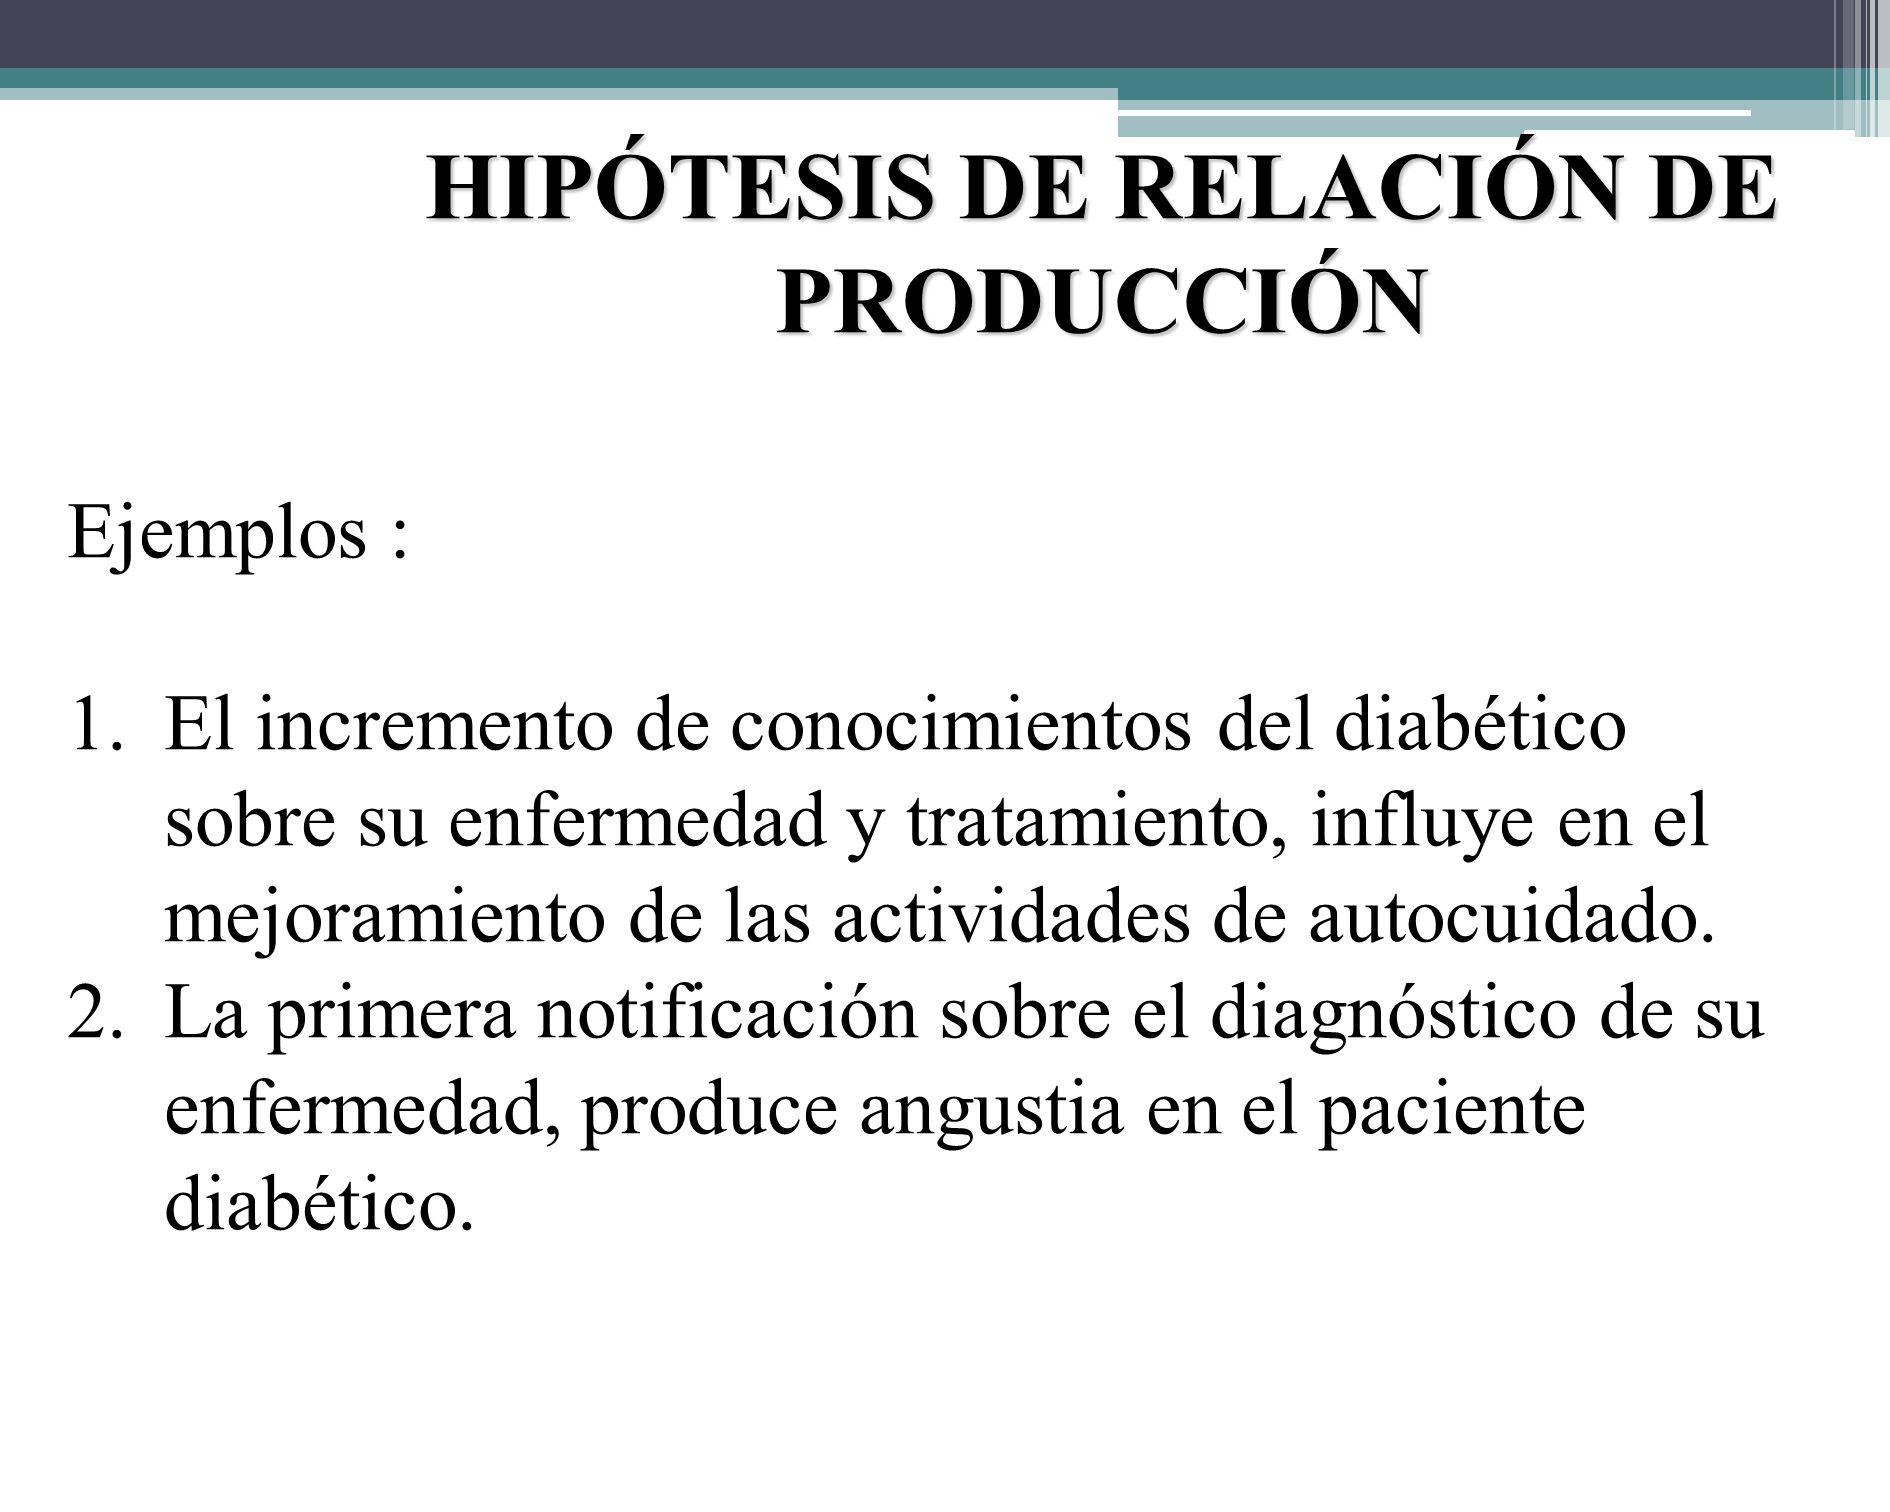 TIPO DE HIPÓTESIS 2. HIPÓTESIS DE RELACIÓN DE PRODUCCIÓN: - Cuando el comportamiento o la modificación de una variable influye o produce cambio en la